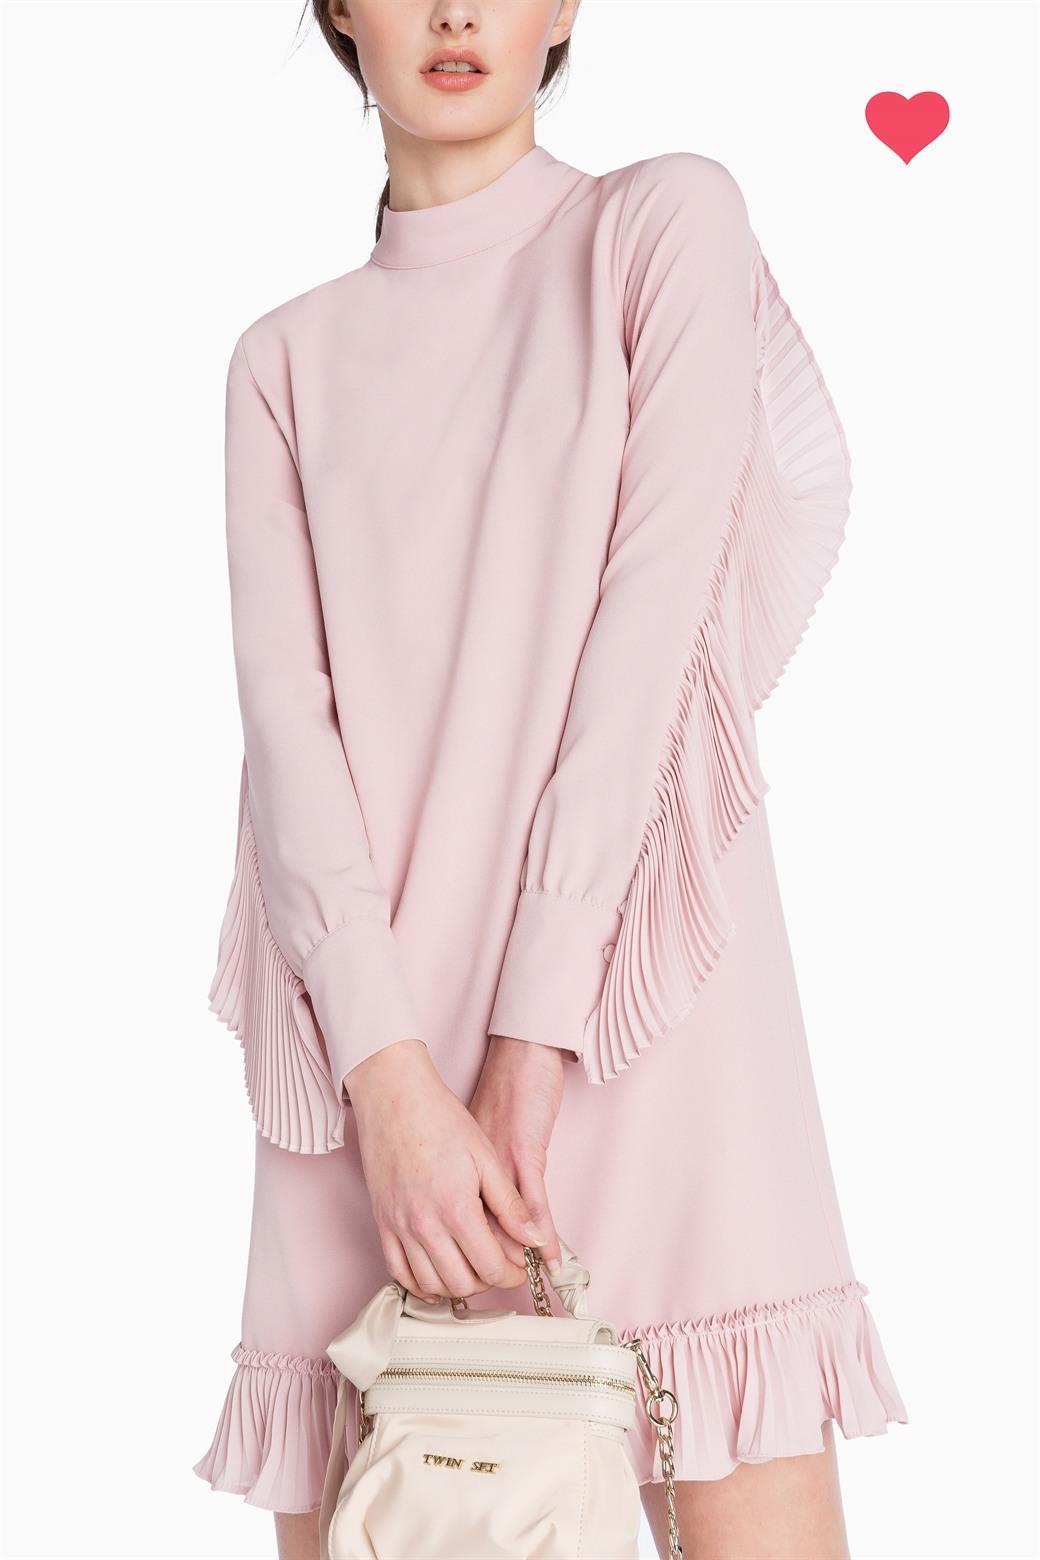 a27c4f6e53 Abito con dettagli plisse Twin Set Simona Barbieri primavera estate 2017  prezzo 235 euro Abito con. Delizioso abito in pizzo macramè rosa ...